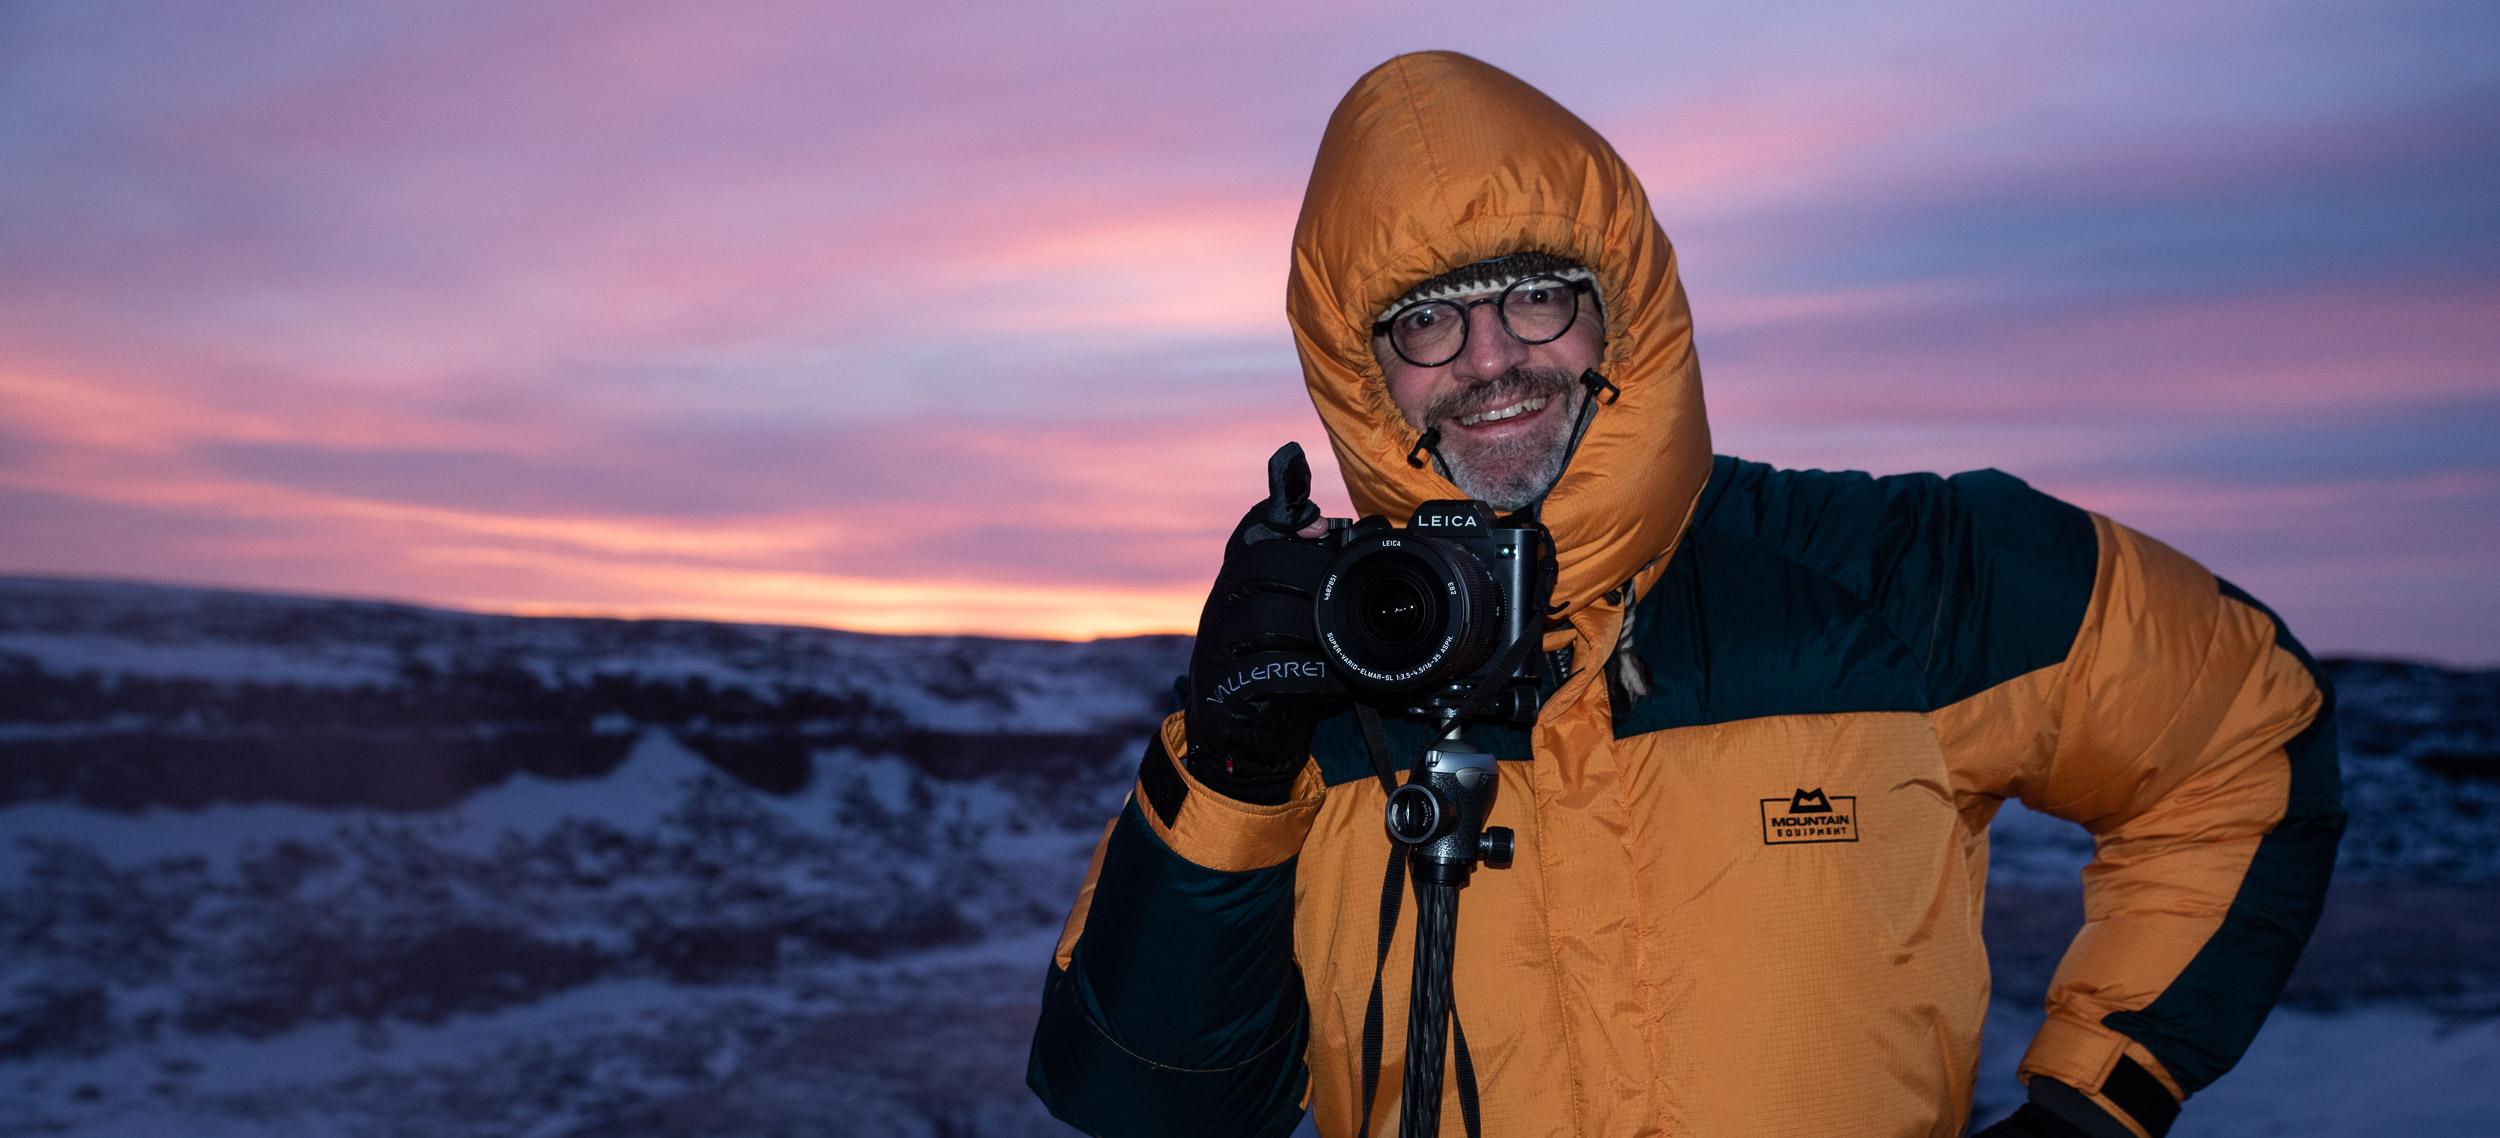 Sonnenaufgang am Dettifoss bei -12°C. Die SL hat in allen Bedingungen hervorragend funktioniert. Foto:  Armin Unger